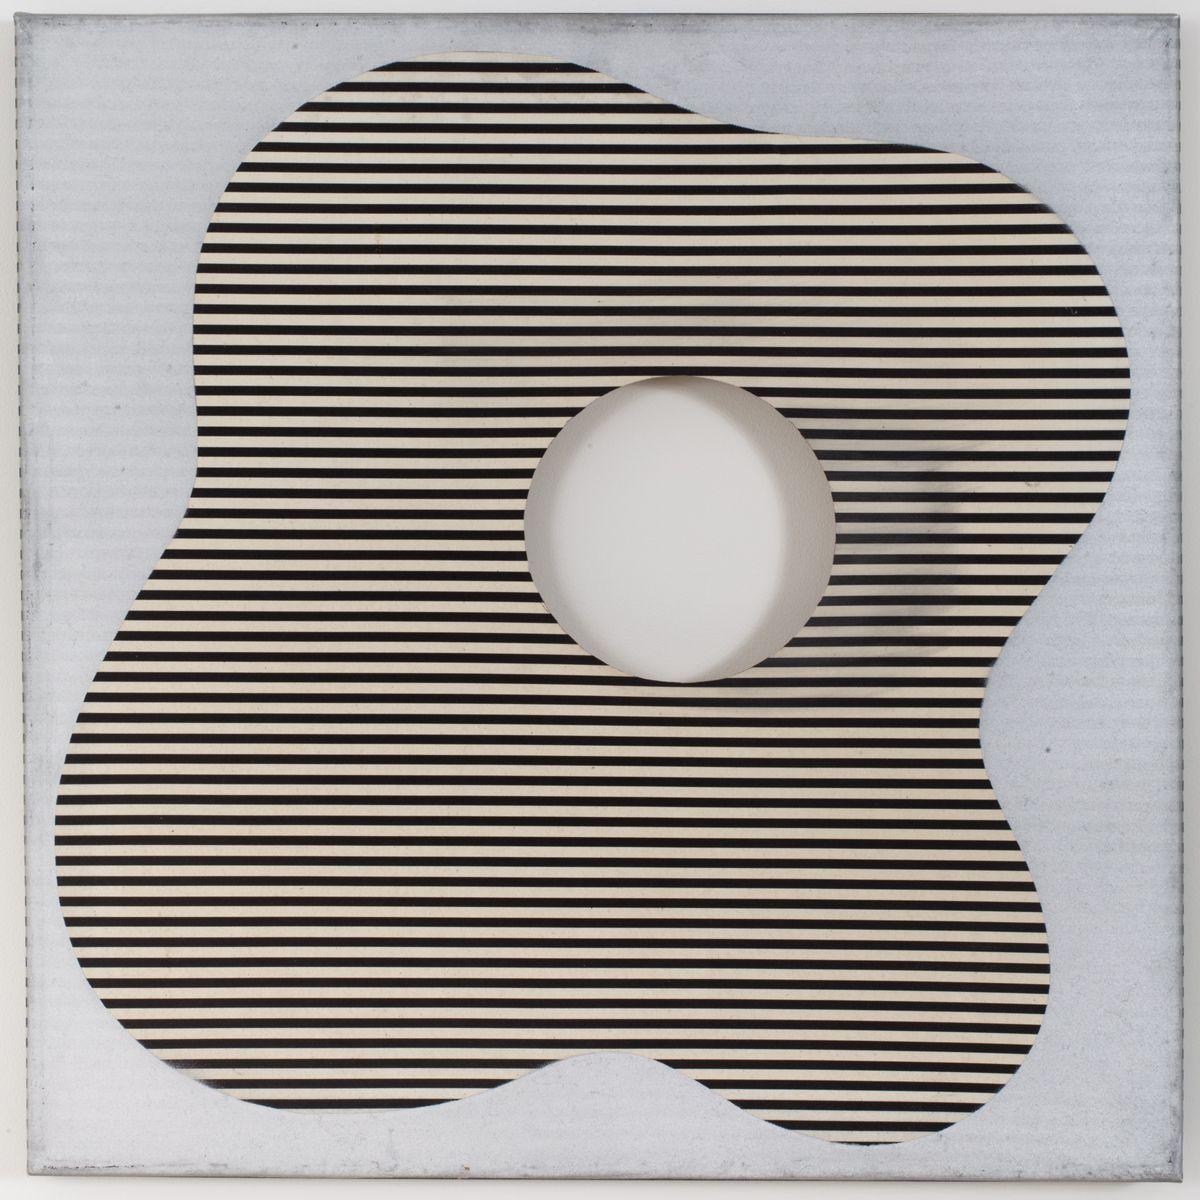 Konrad Lueg, Untitled (Gemusterte Plastikfolie, Streifen), 1966, Plastic film on wood, 19 3/4 x 19 5/8